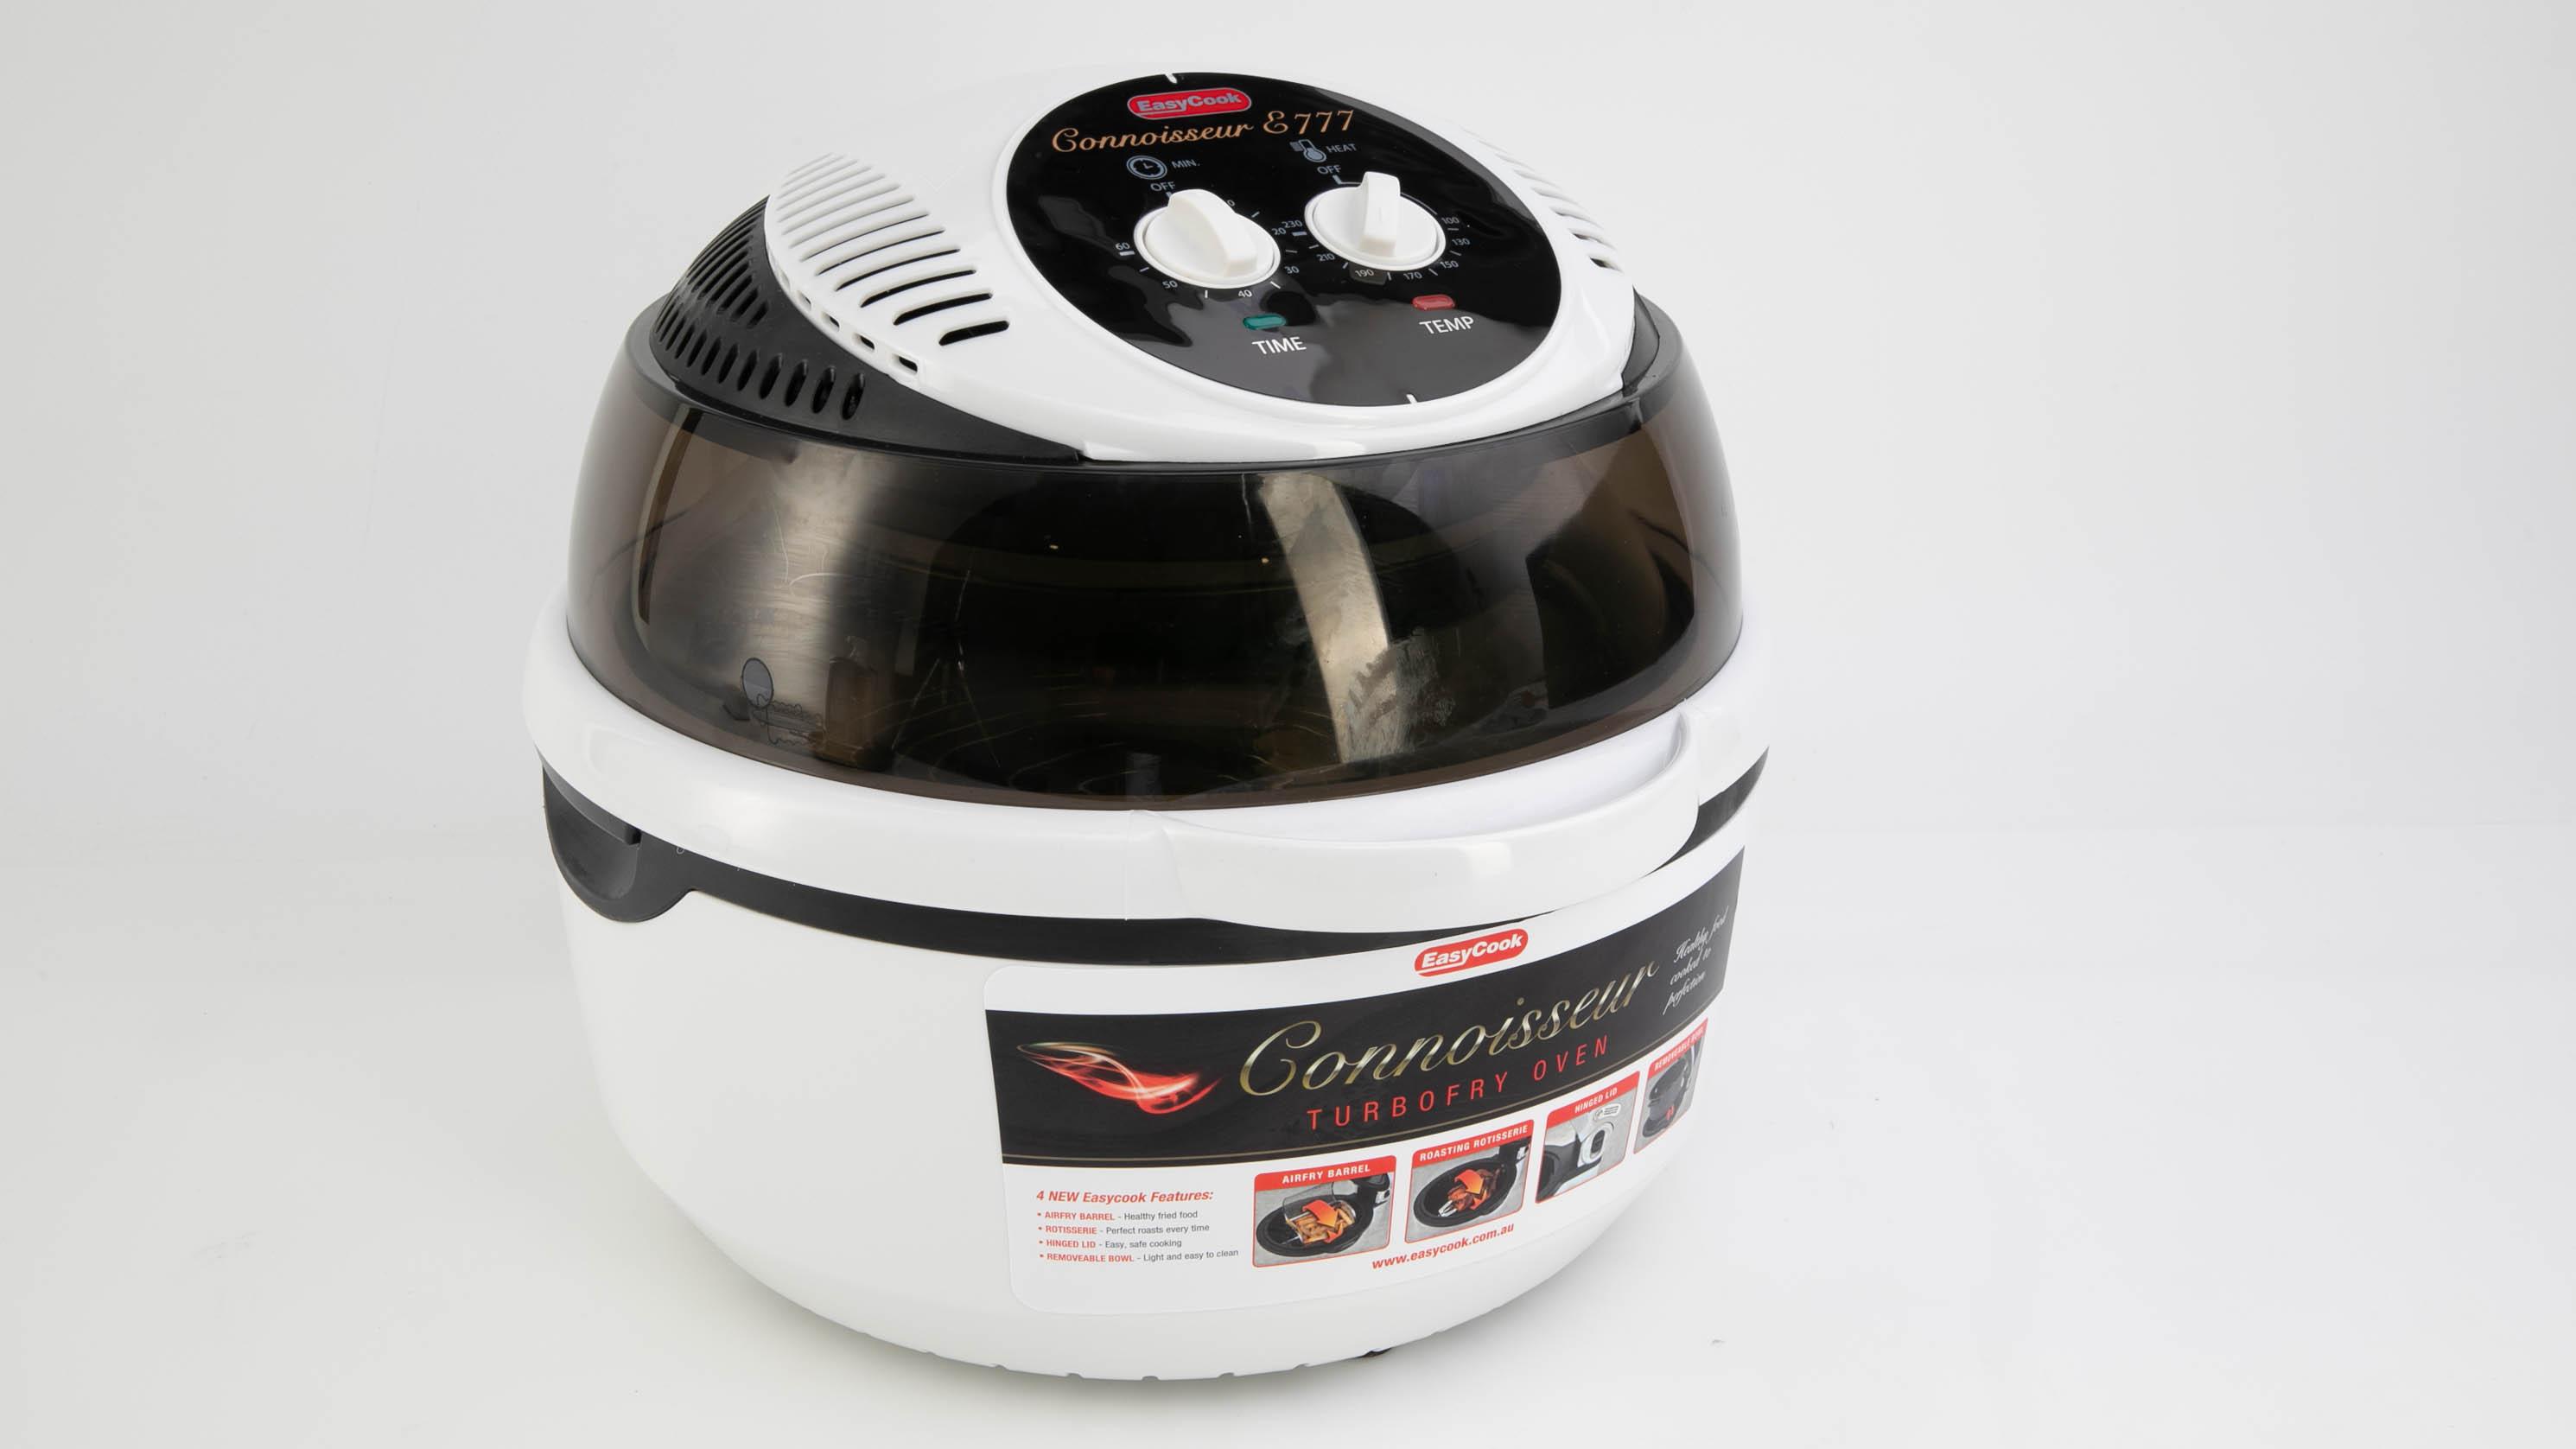 Easy Cook 11L E777 Connoisseur Turbo Air Fryer